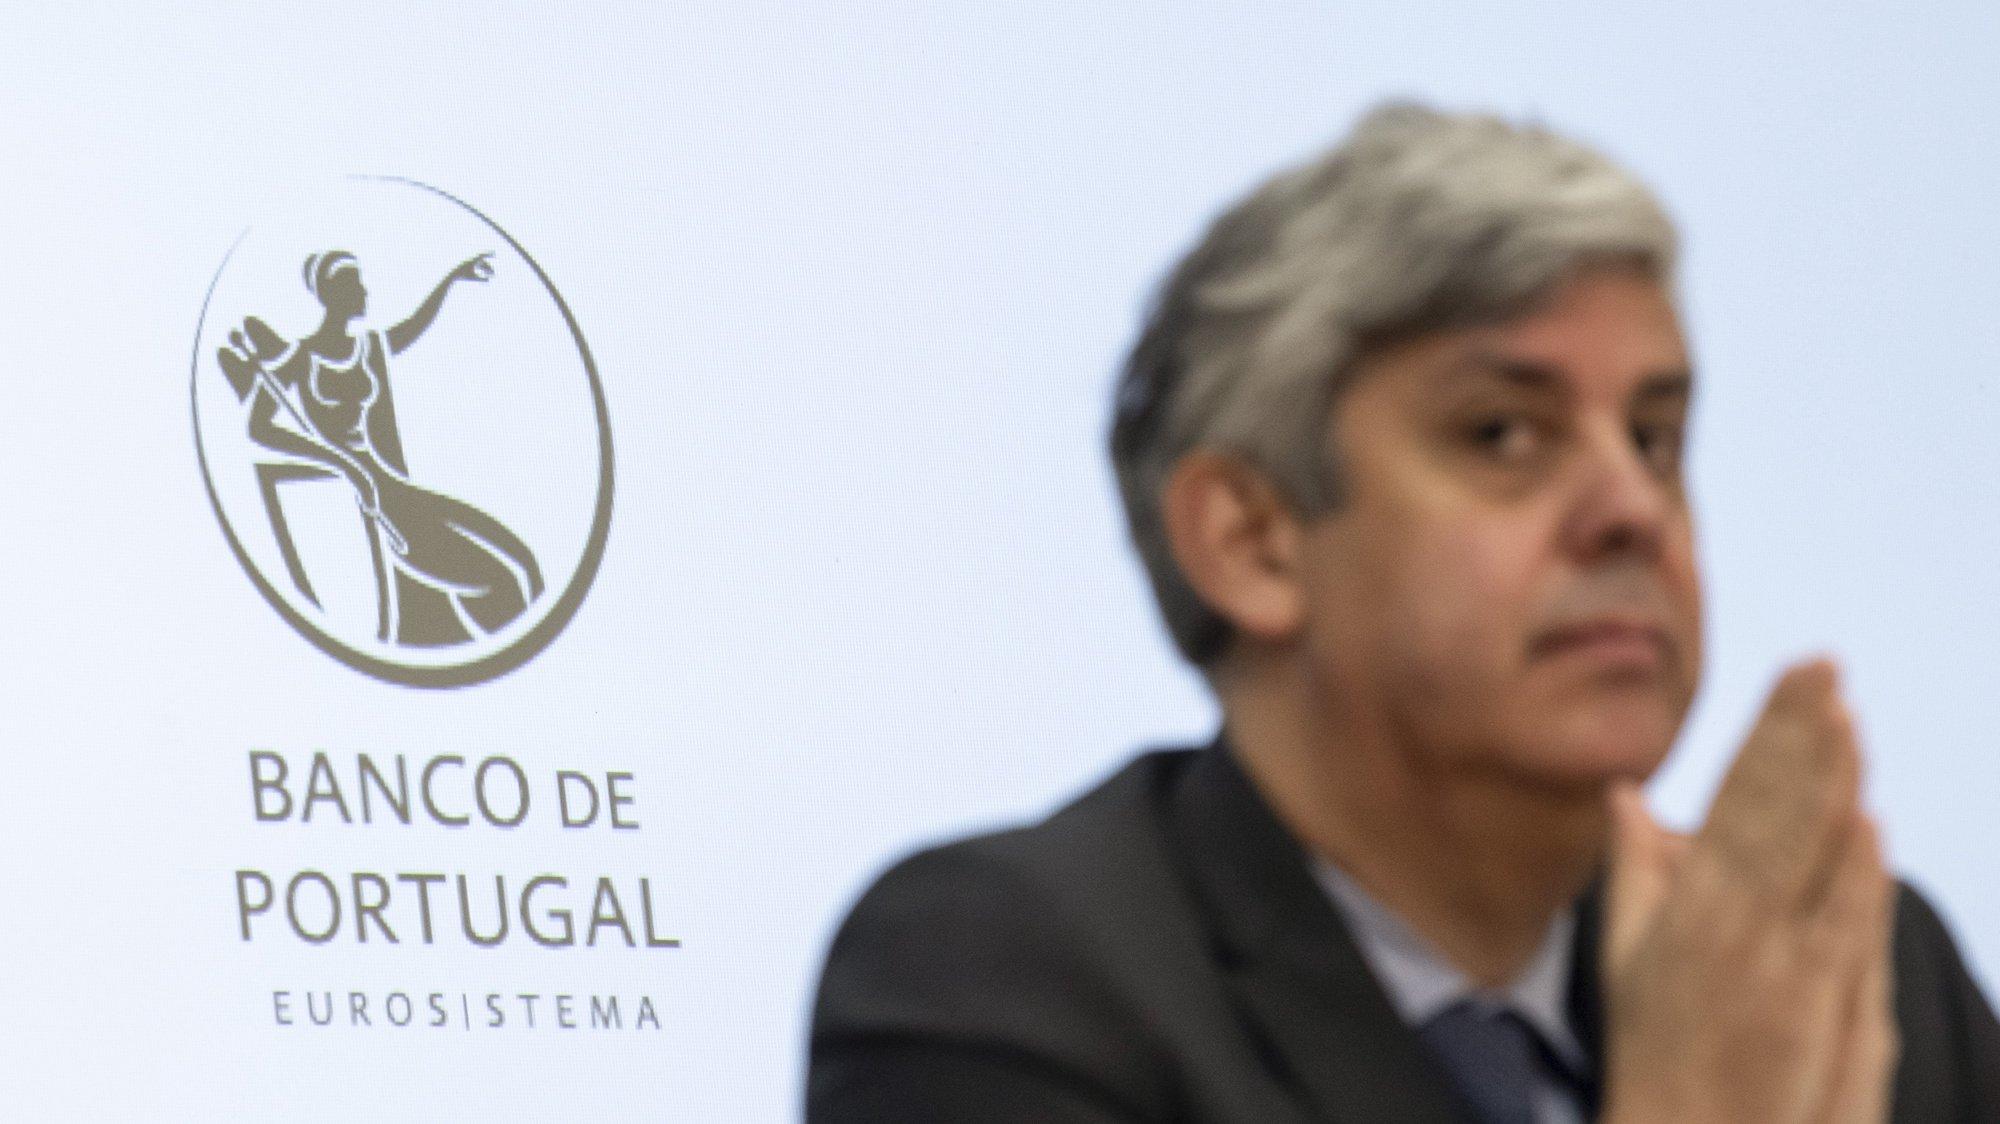 O governador do Banco de Portugal, Mário Centeno, durante a apresentação do Relatório de Estabilidade Financeira, no Banco de Portugal, em Lisboa, 17 de dezembro de 2020. JOSÉ SENA GOULÃO/LUSA